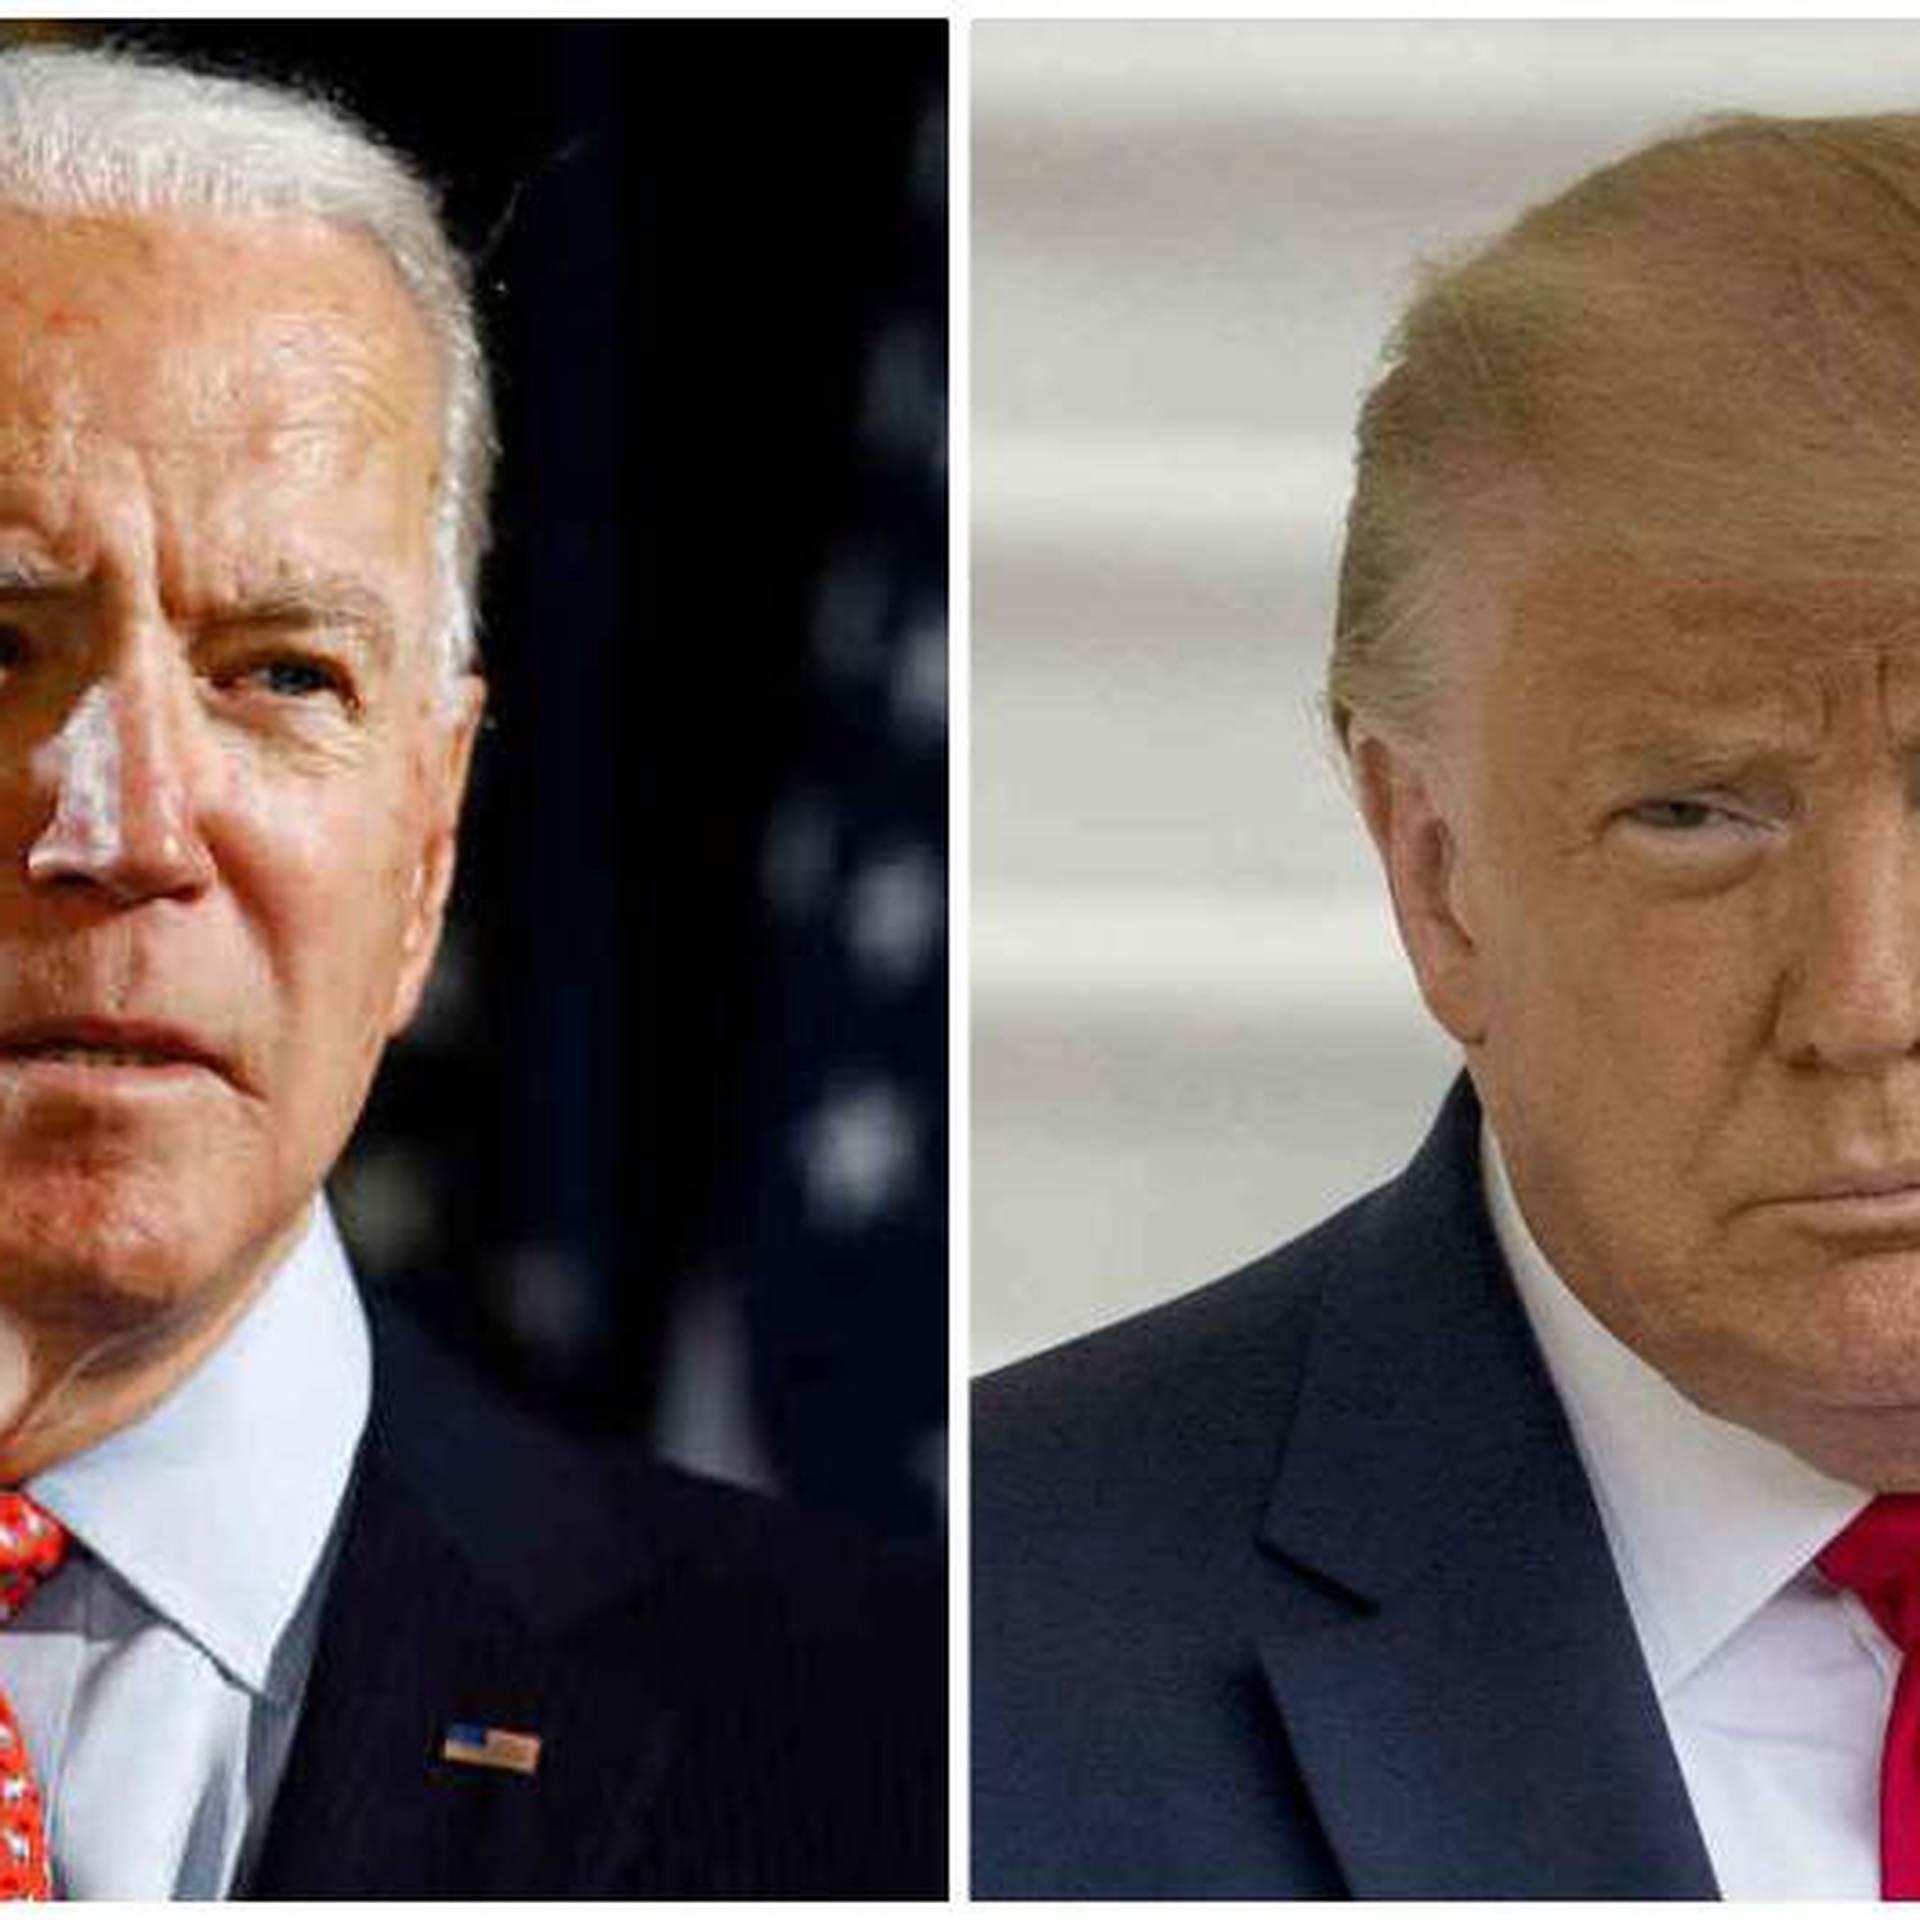 """Trump """"ha tratado de alimentar el racismo y destrozar a nuestra nación"""", dijo un portavoz de Biden."""